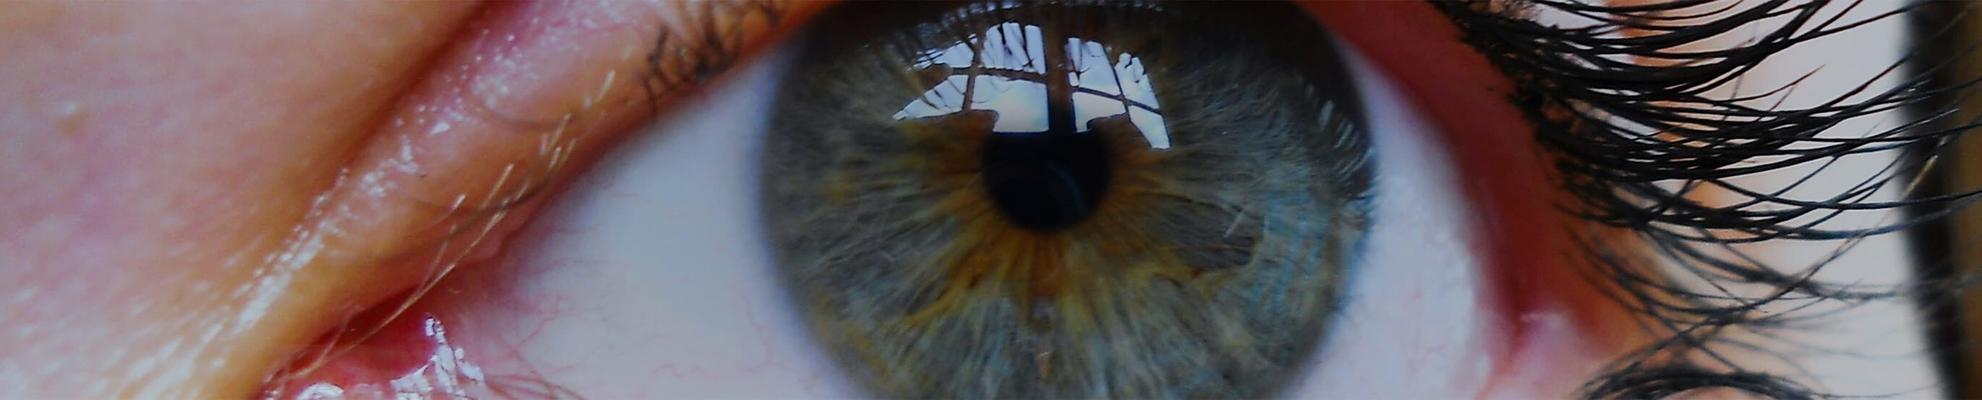 Primer plano de ojo con lentillas.